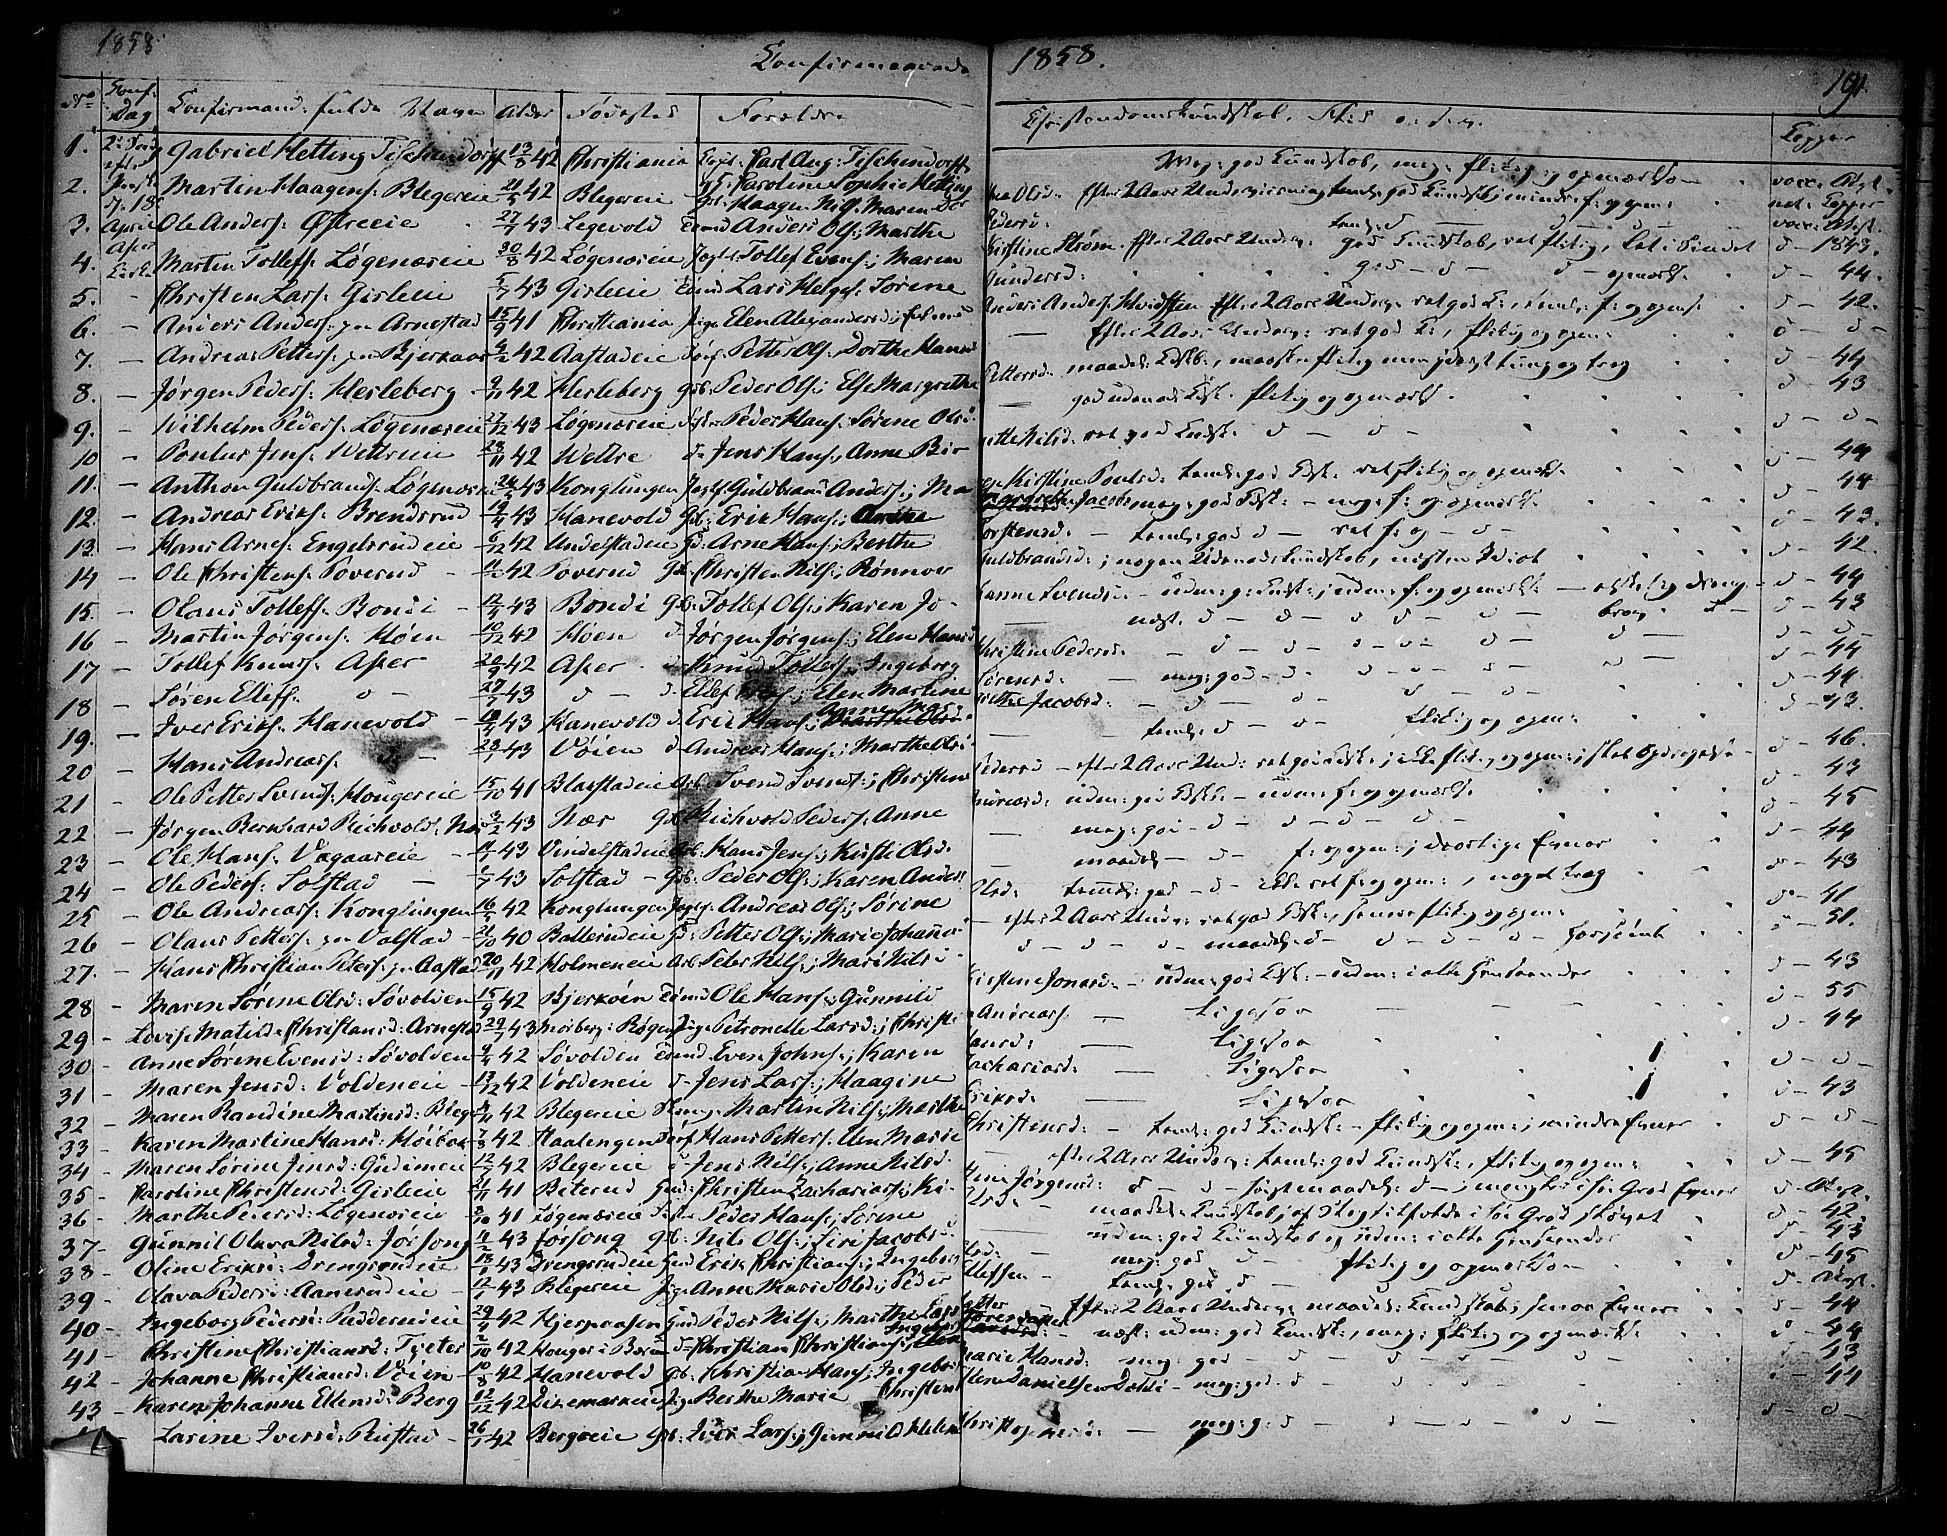 SAO, Asker prestekontor Kirkebøker, F/Fa/L0009: Ministerialbok nr. I 9, 1825-1878, s. 191